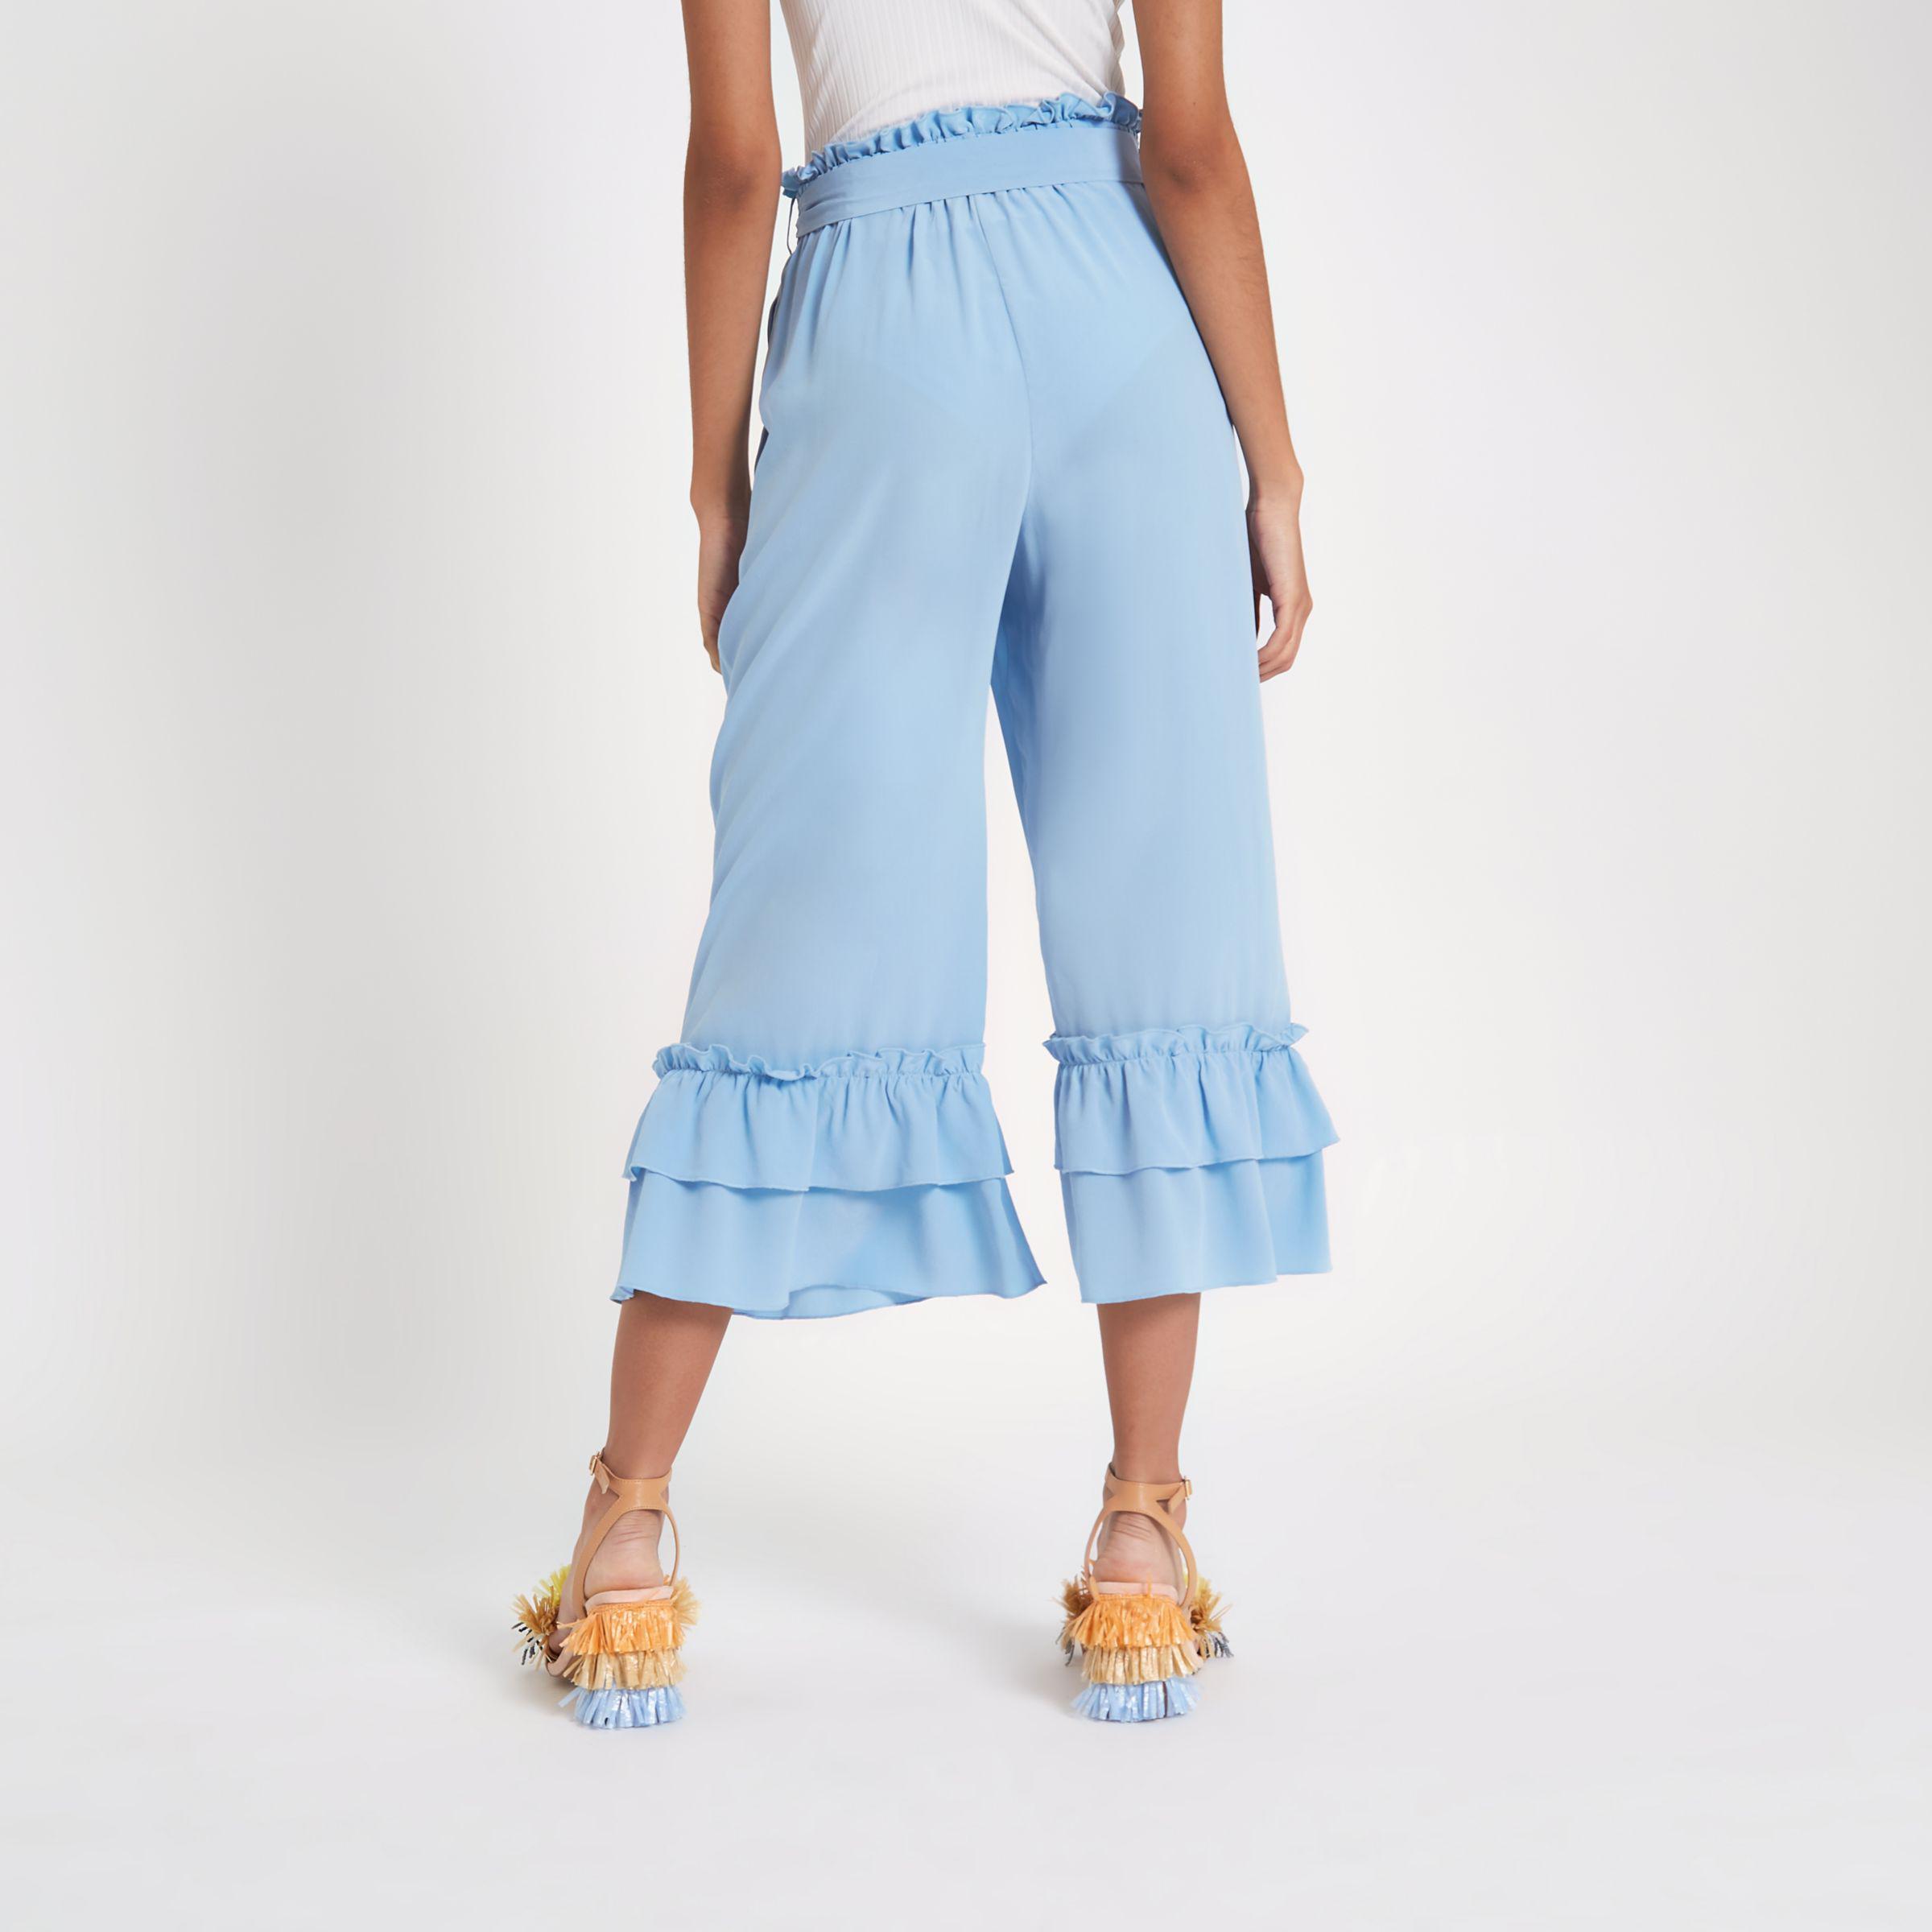 Womens Blue silk tiered frill tie waist culottes River Island qnBbEfQ1F